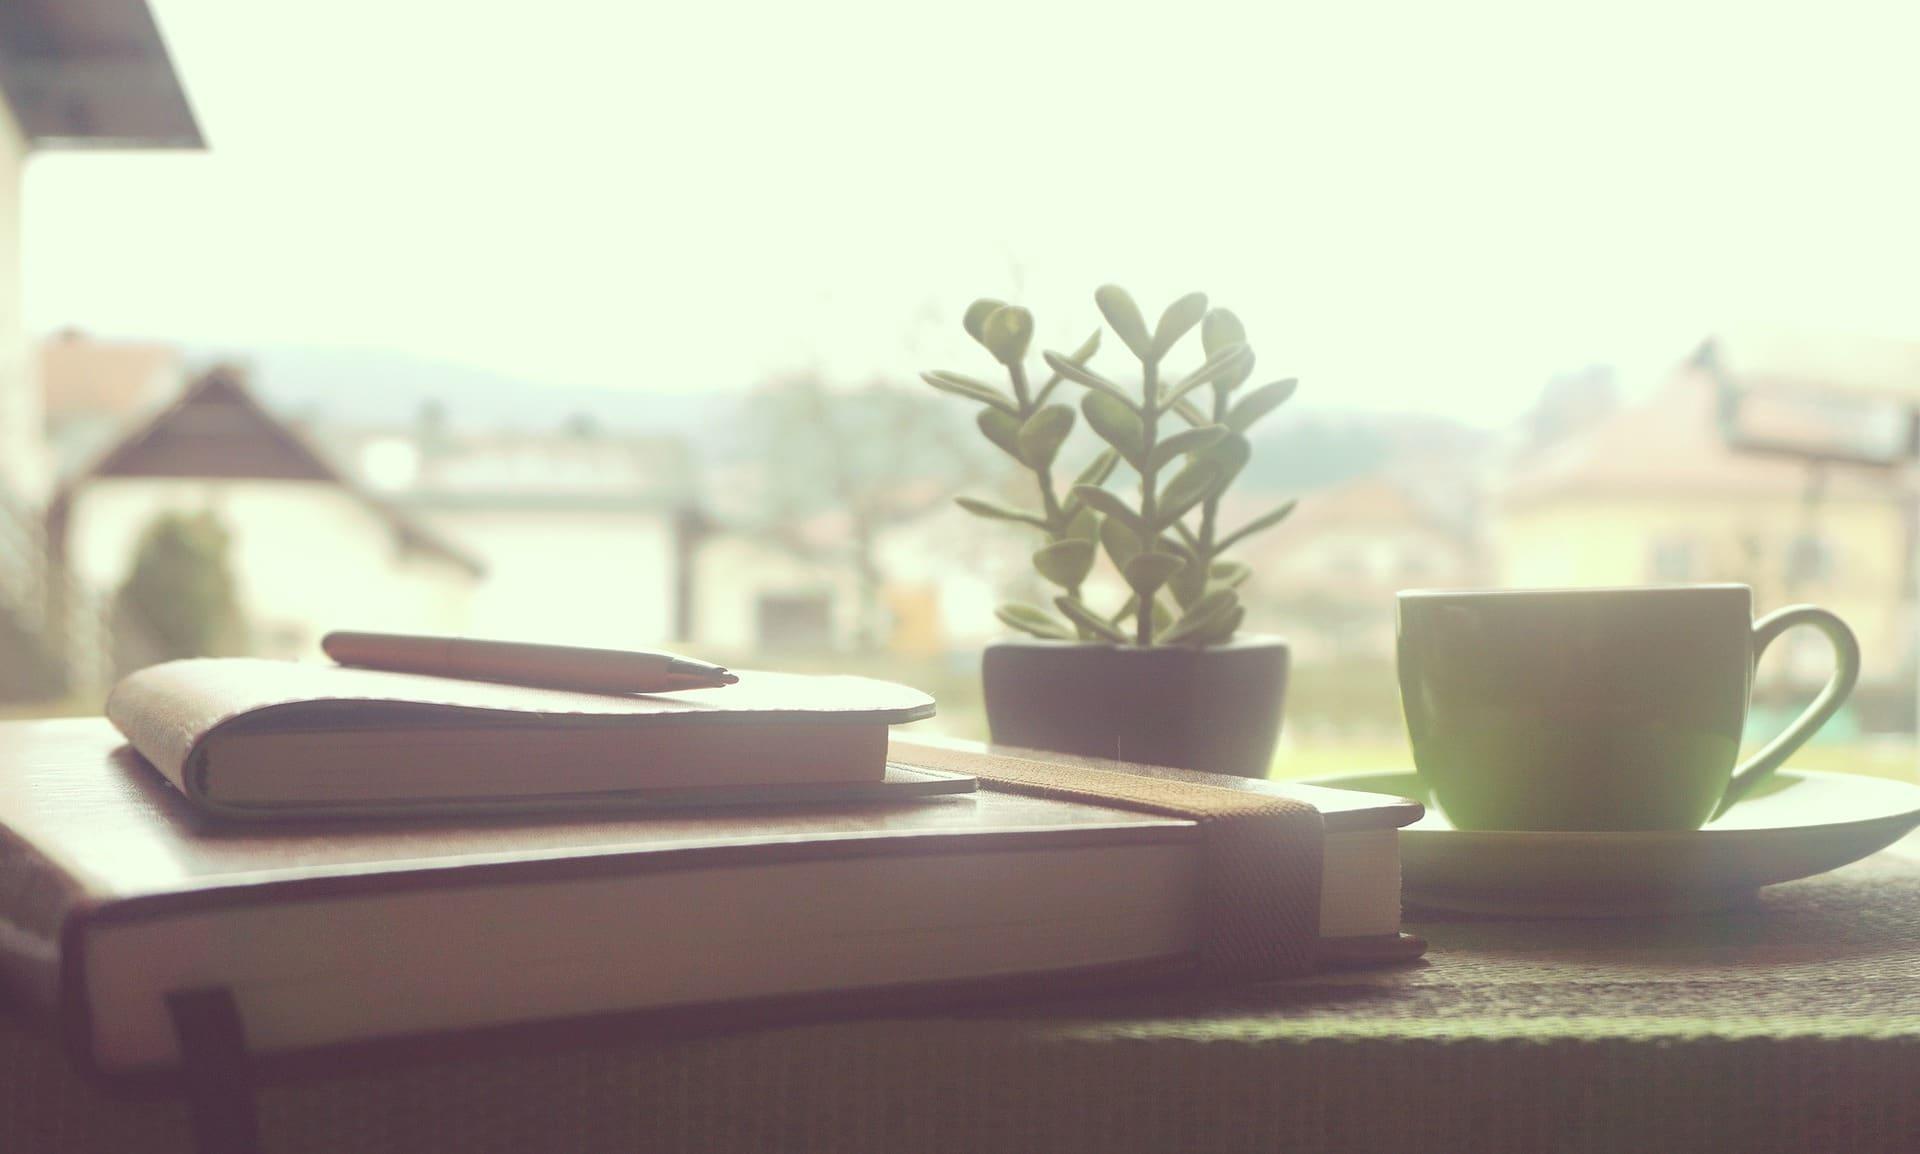 #FelizDíadelLibro, literatura que te ayuda a descansar mejor